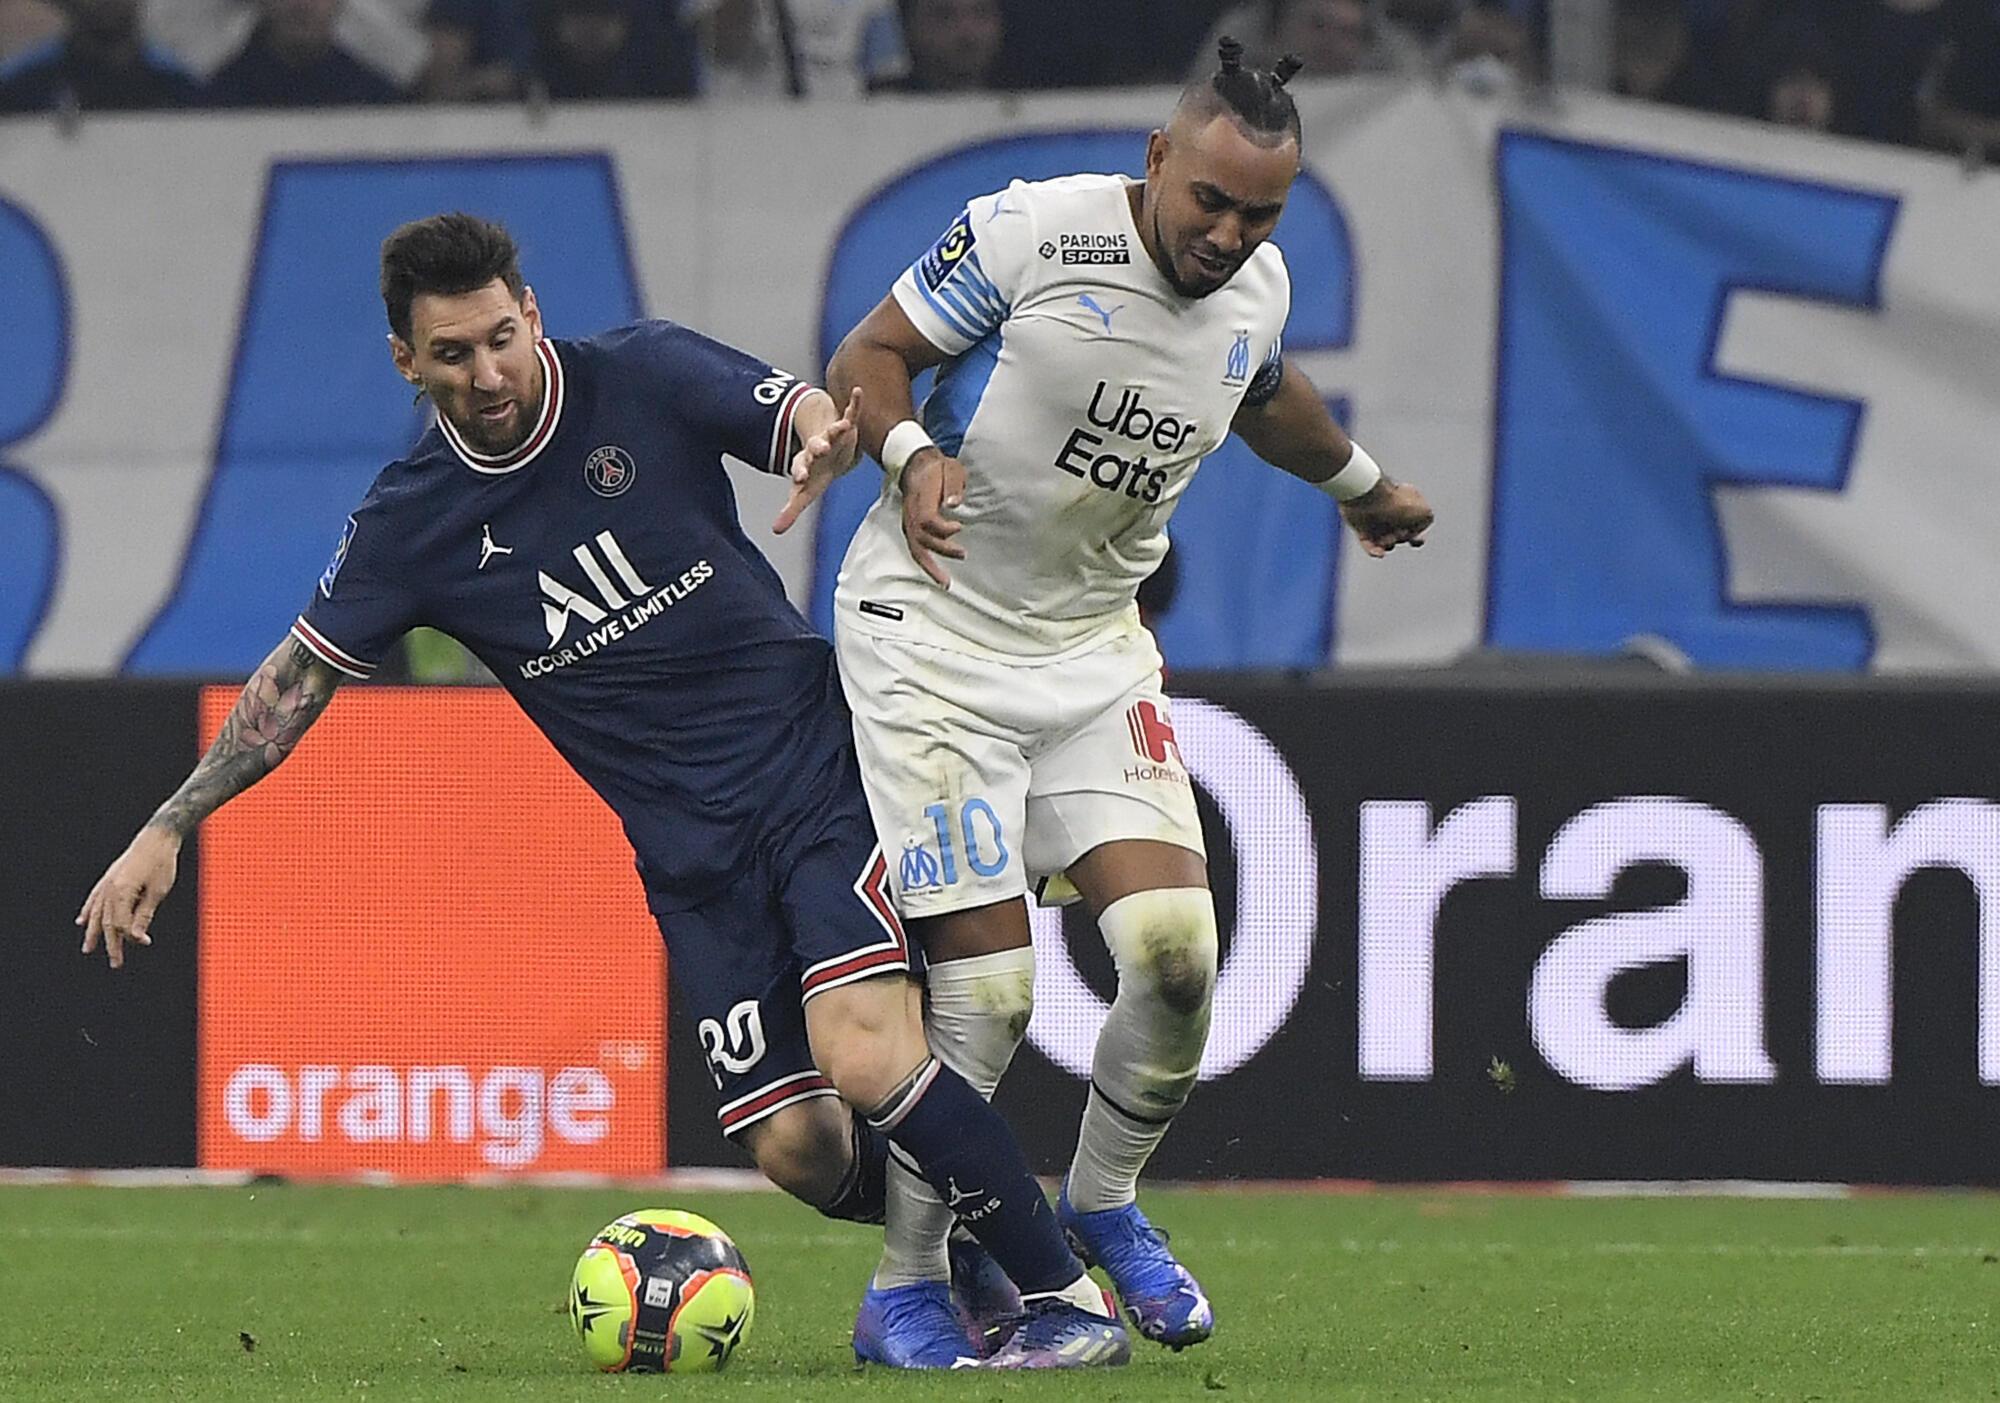 Lionel Messi au duel avec Dimitri Payet lors du classique OM-PSG disputé au stade Vélodrome, le 24 octobre 2021